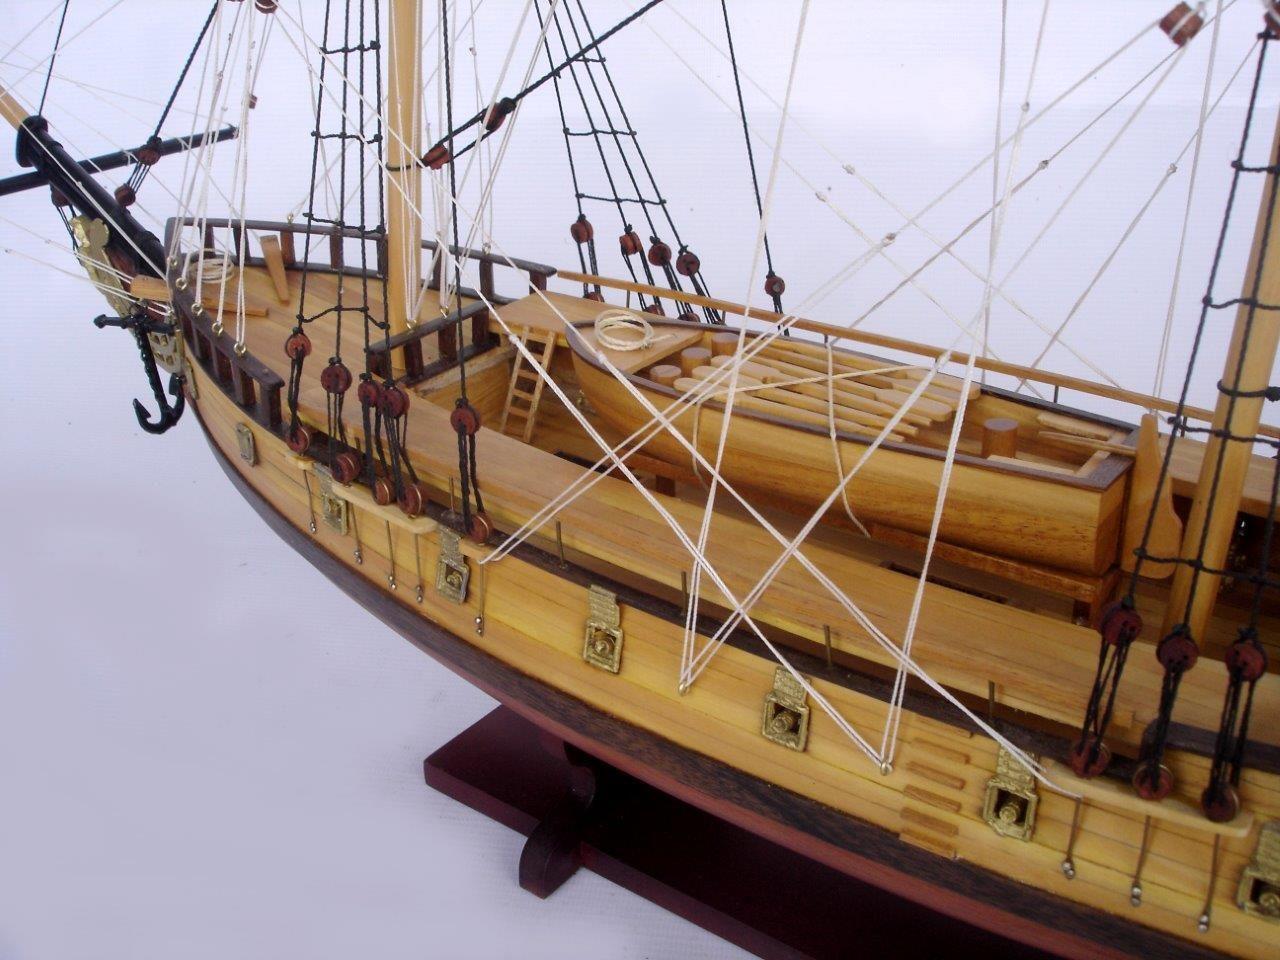 2096-12458-USS-Rattlesnake-Model-Ship